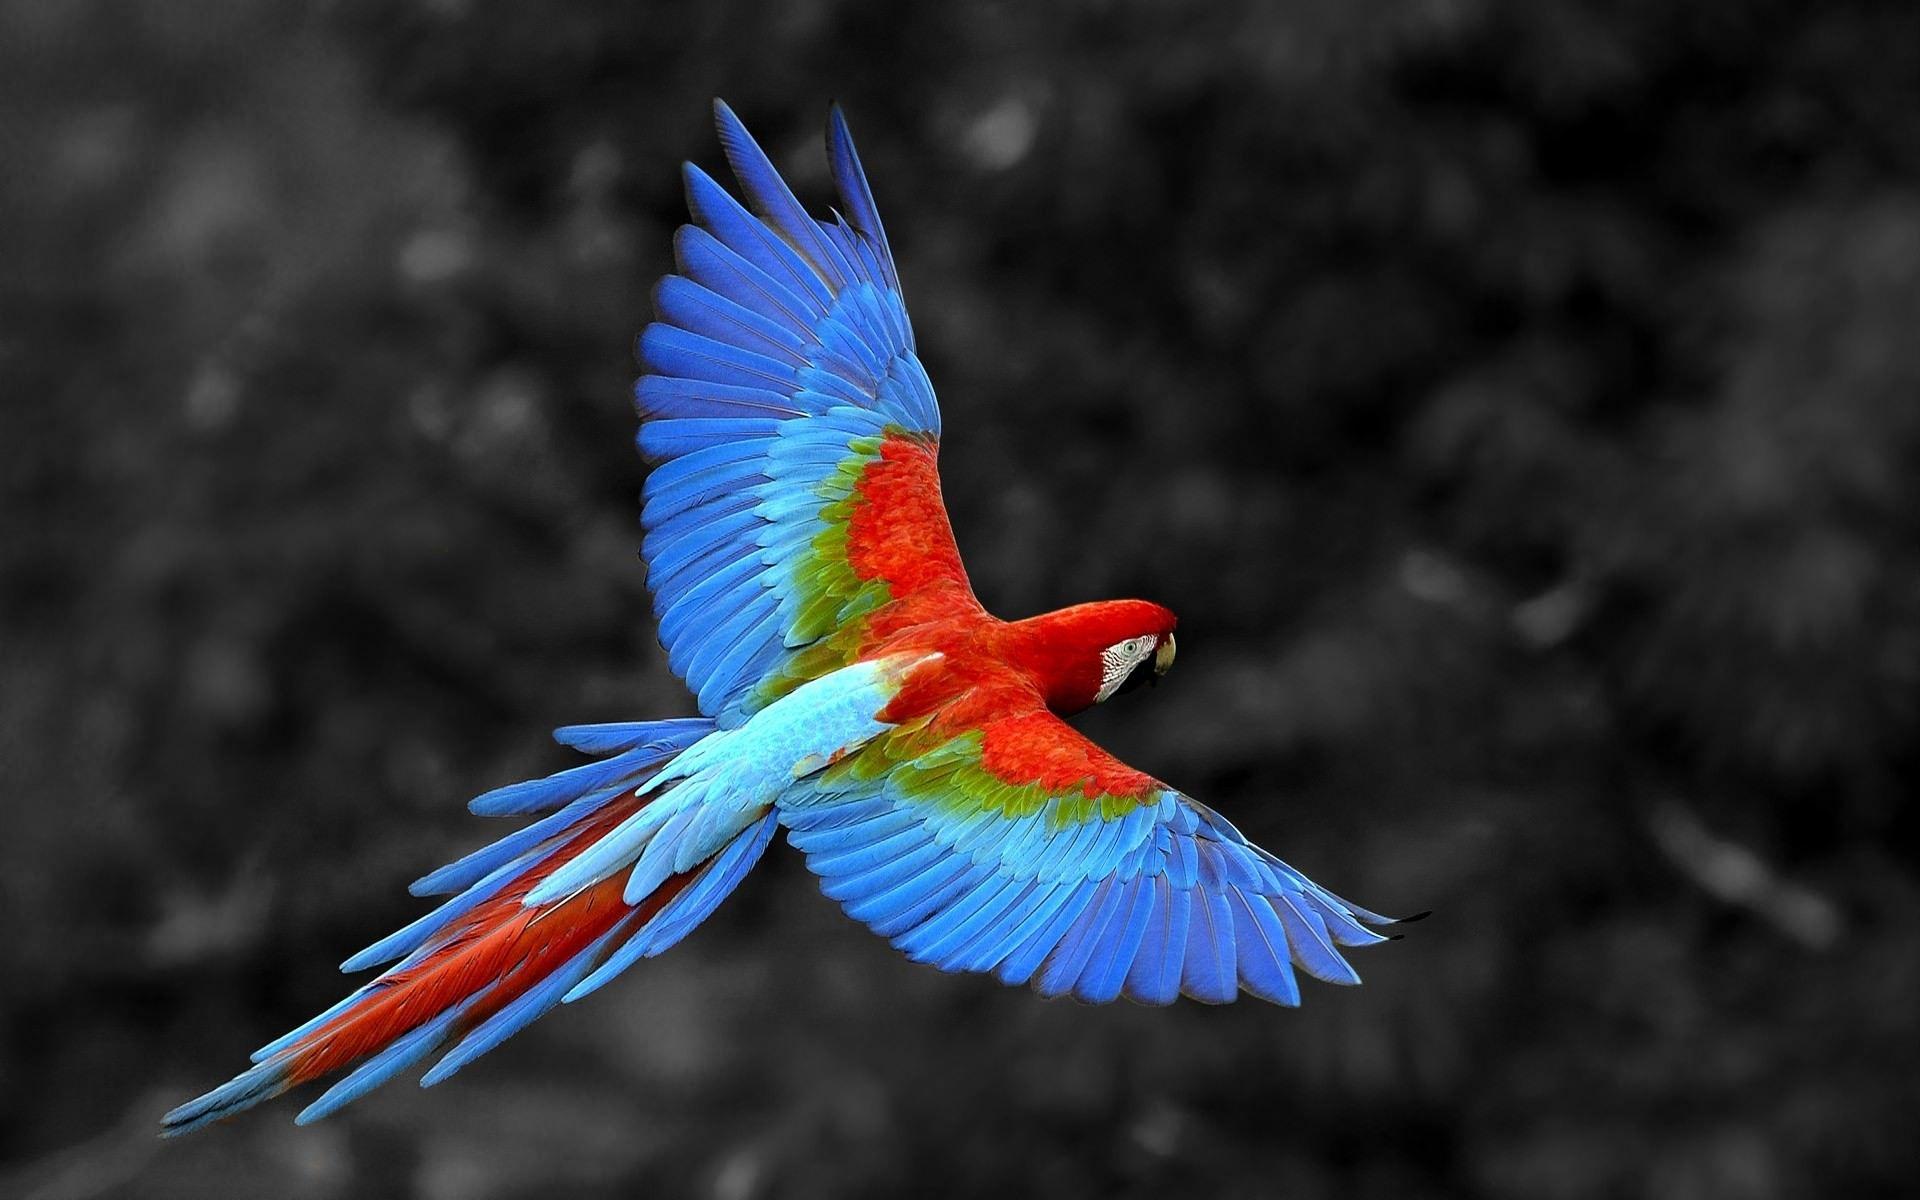 背景モノクロの鳥の動物壁紙